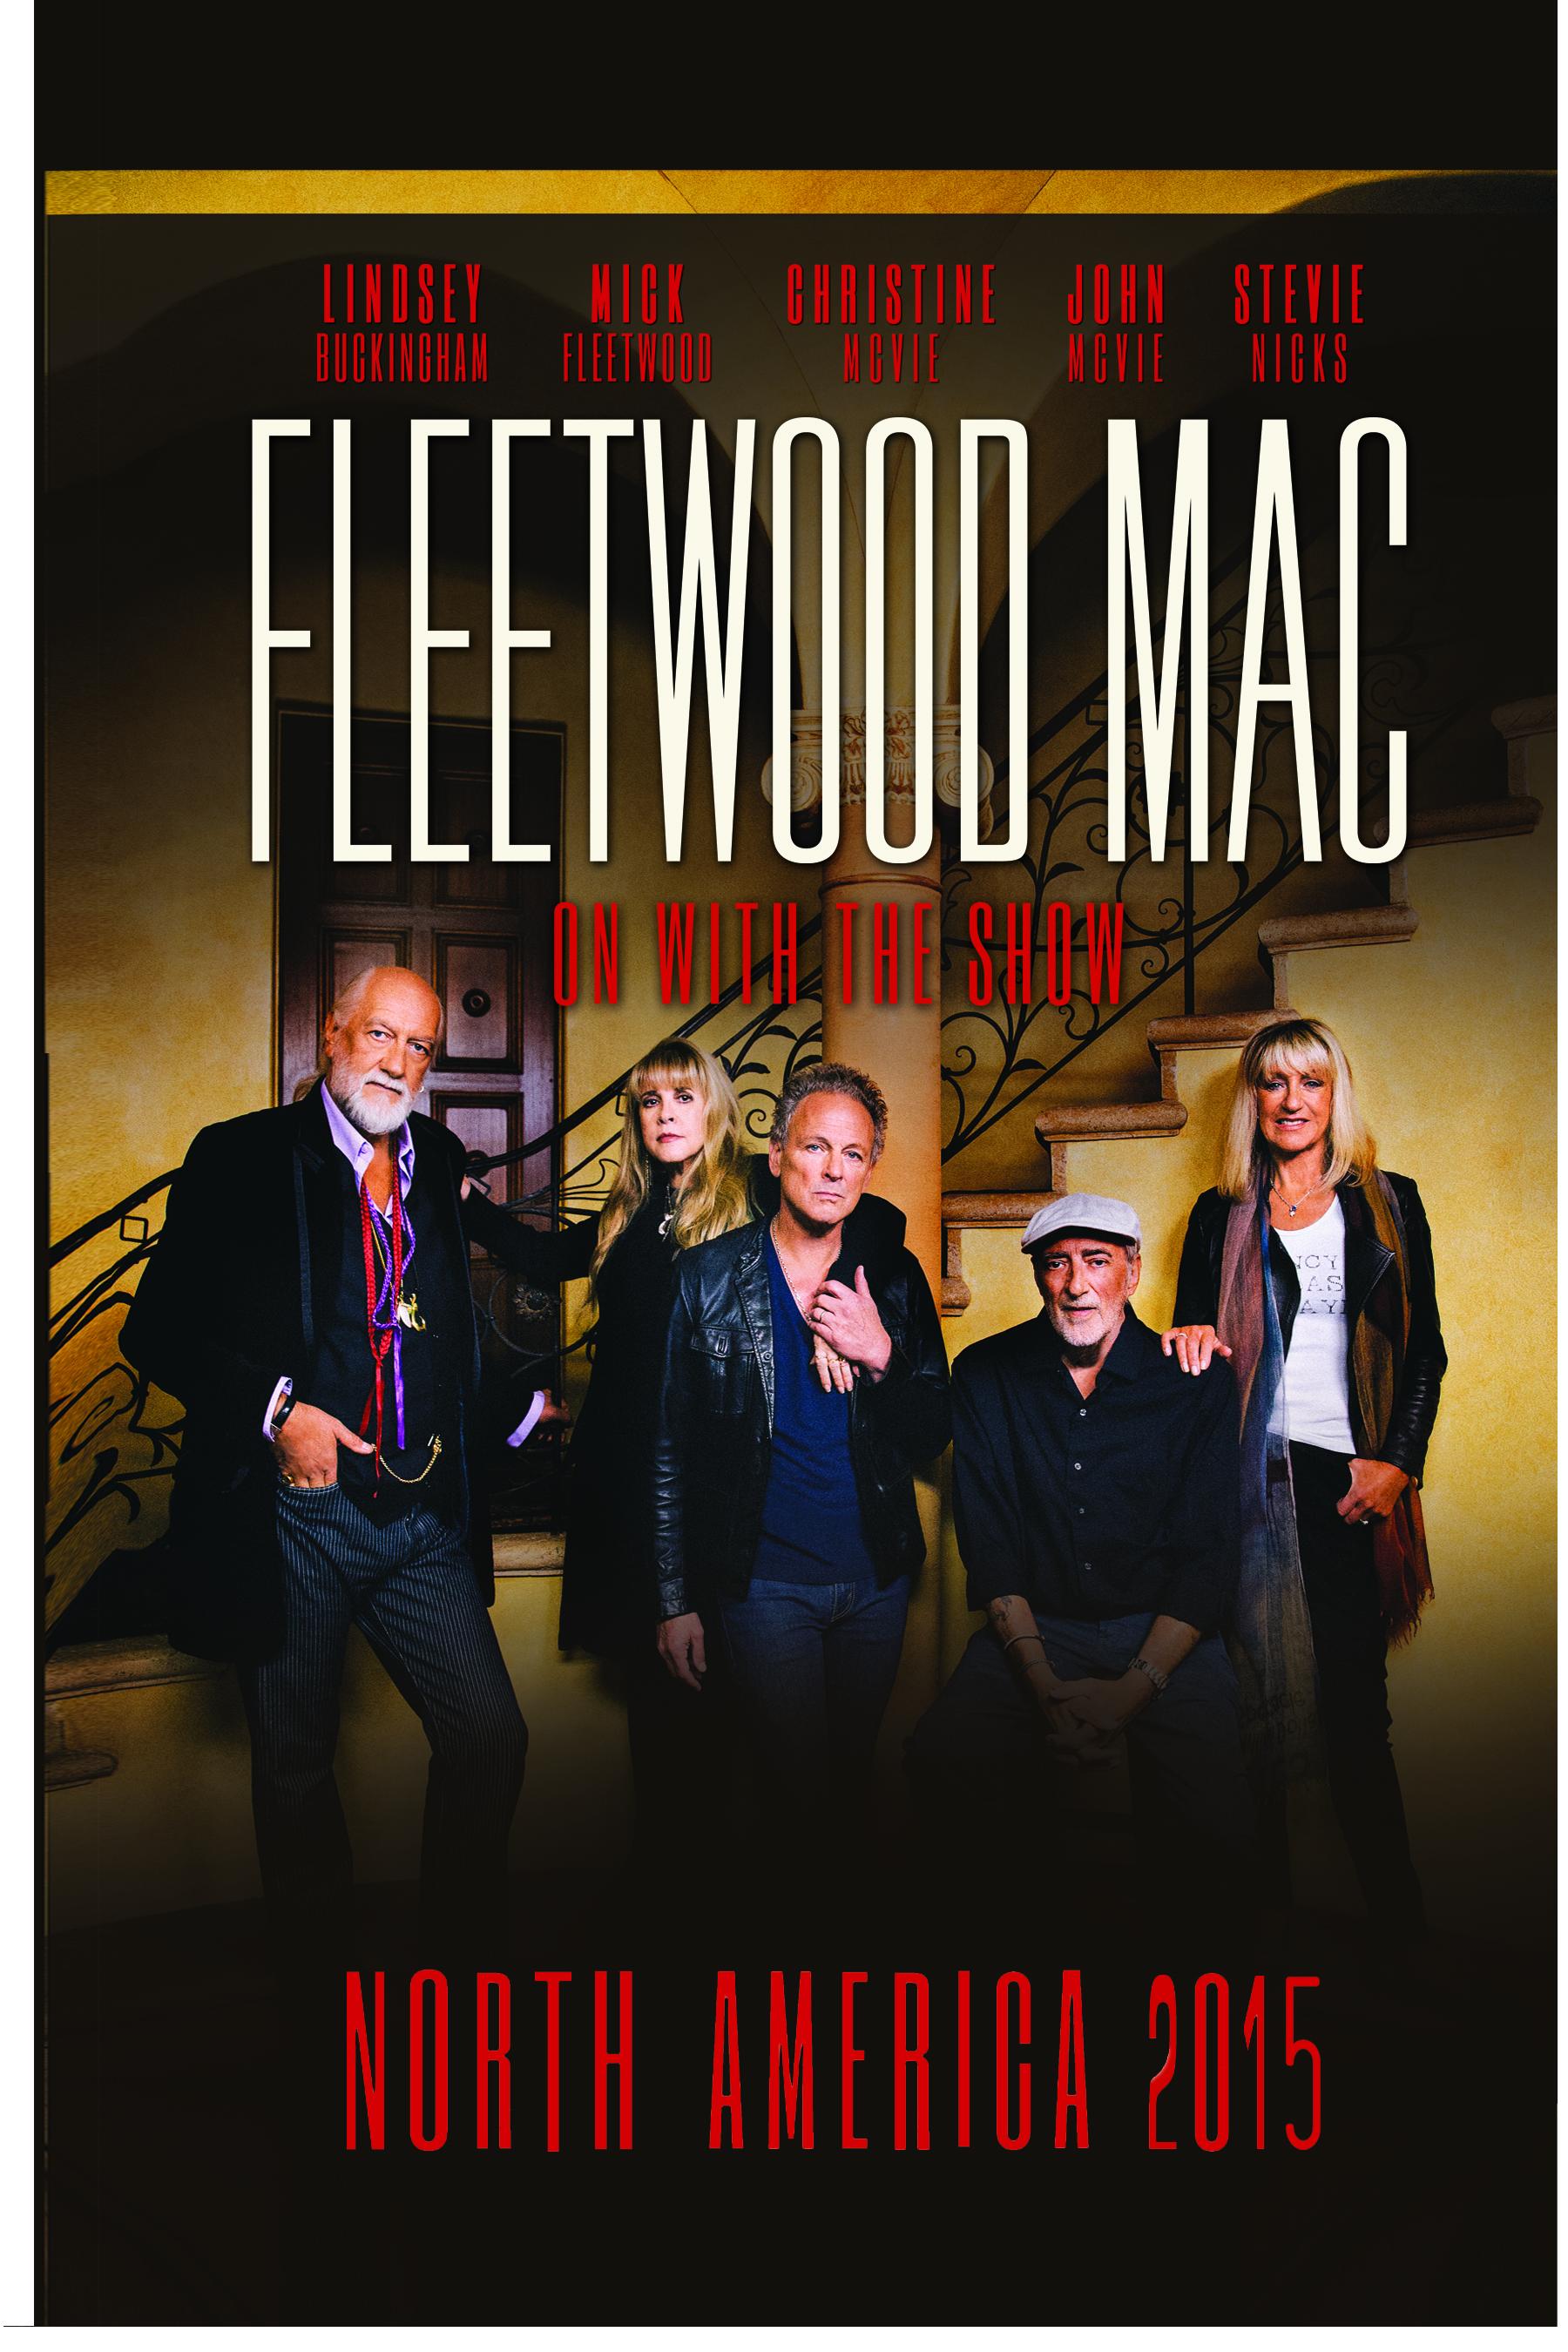 FM COVER 2015.jpg